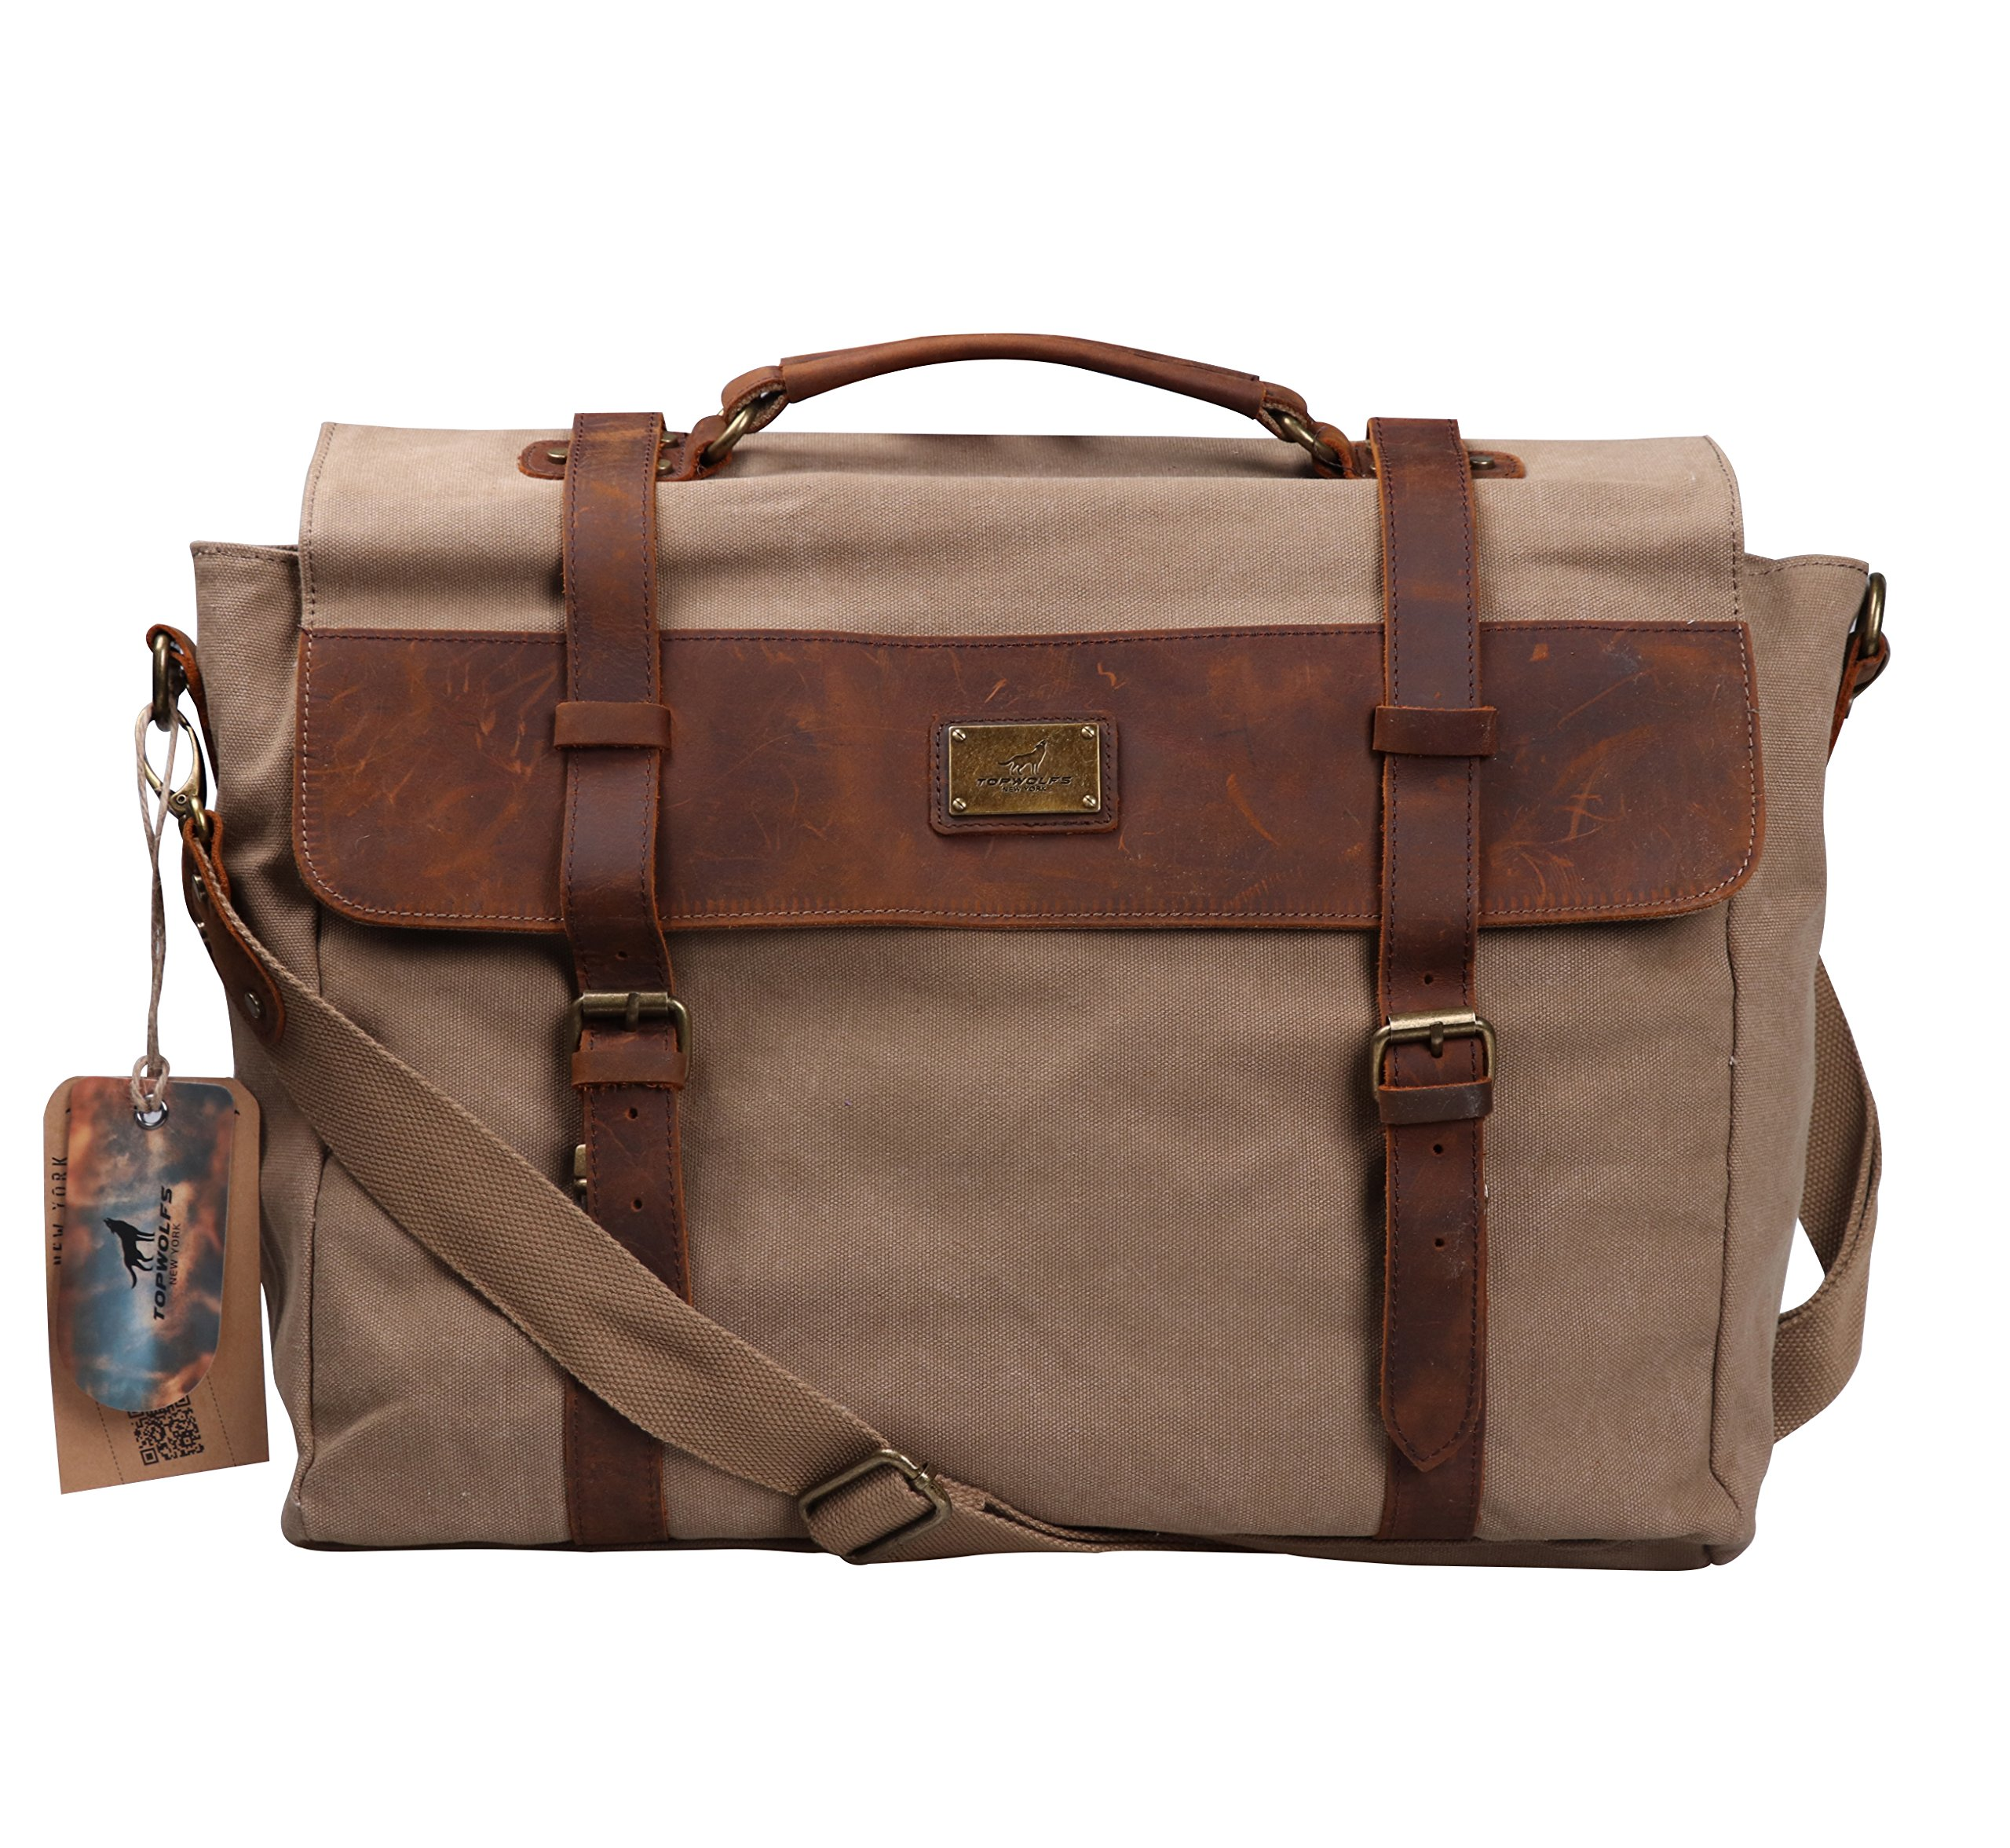 Vintage Messenger Bag 15.6'' Laptop TOPWOLFS Computer Notebook Bag Canvas Briefcase Genuine Leather Handle Shoulder Crossbody Bag Handbag